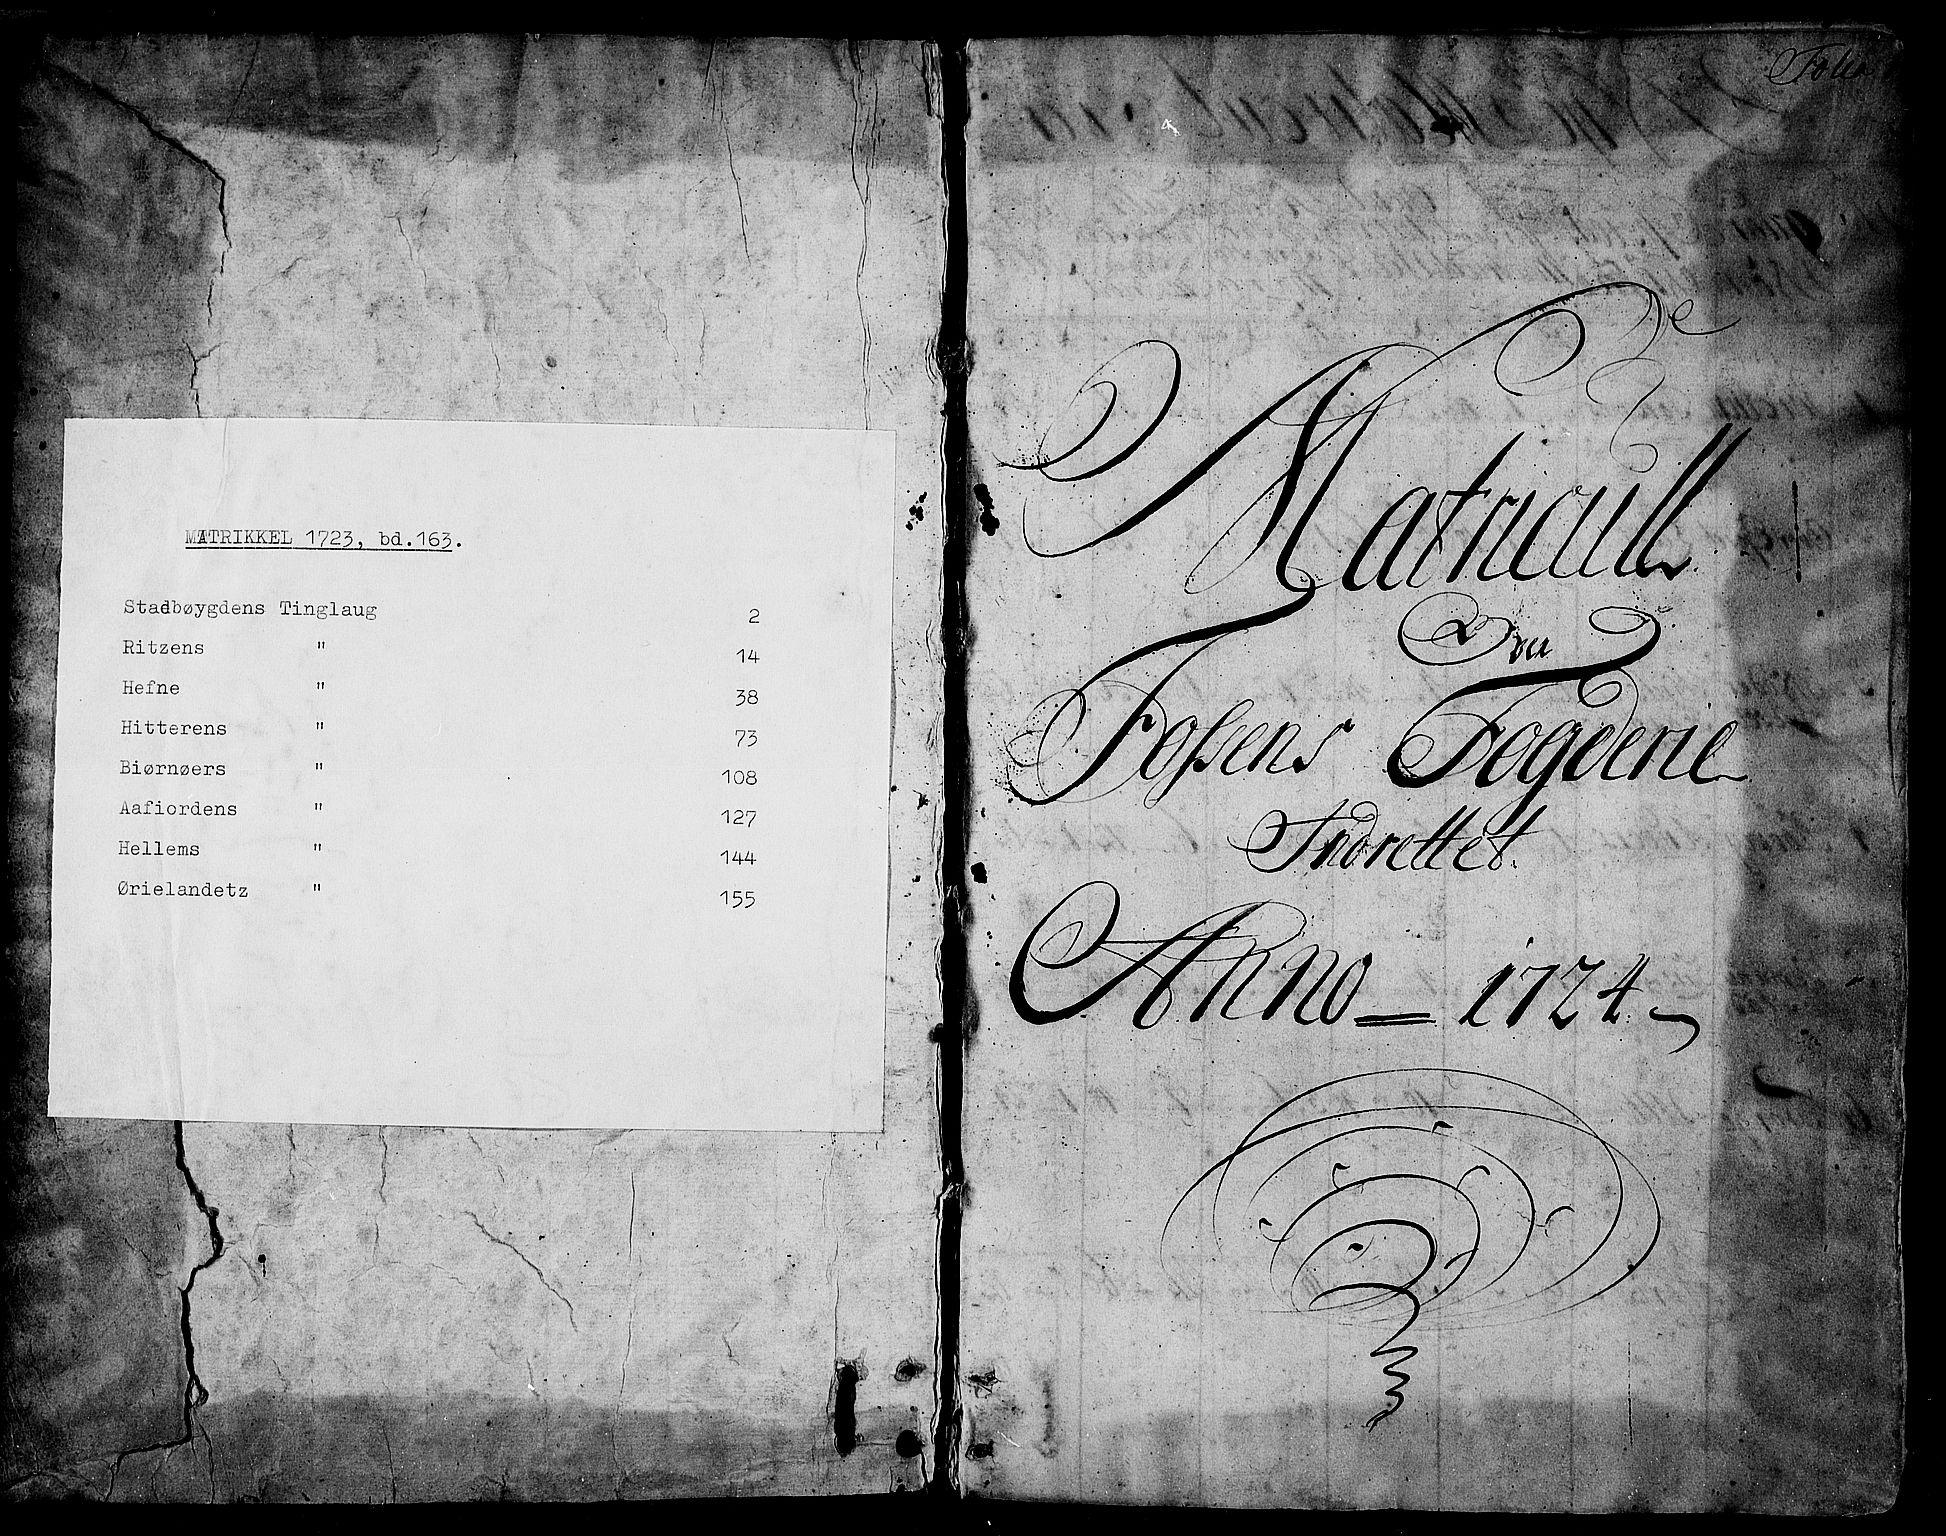 RA, Rentekammeret inntil 1814, Realistisk ordnet avdeling, N/Nb/Nbf/L0163: Fosen matrikkelprotokoll, 1723, s. upaginert